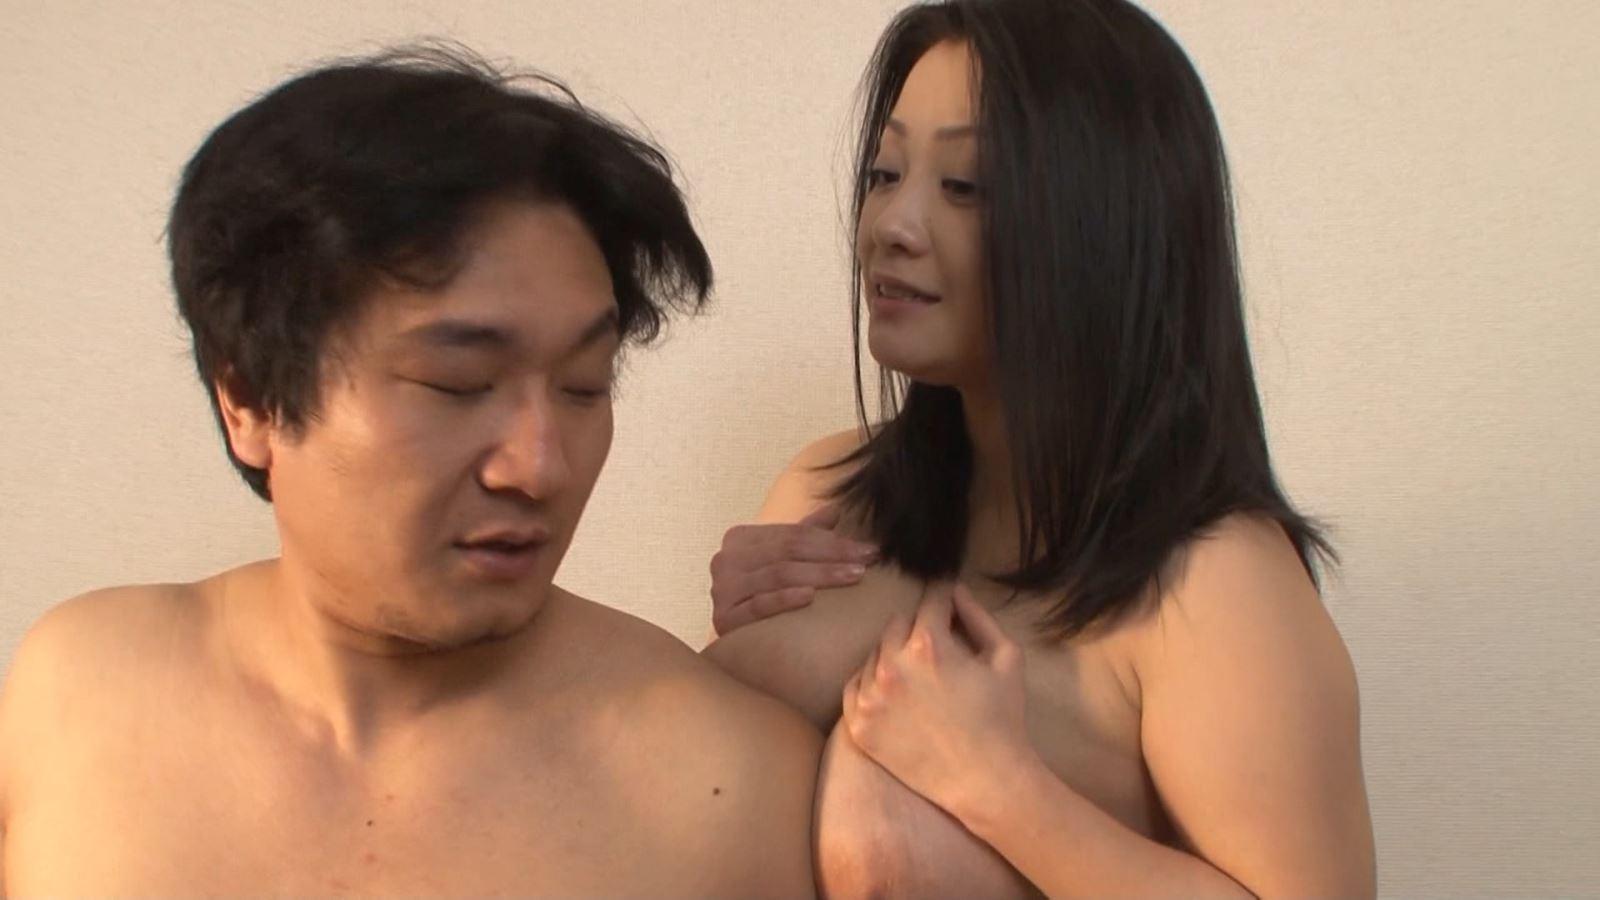 小向美奈子 無修正 第二弾 セックス 画像 10